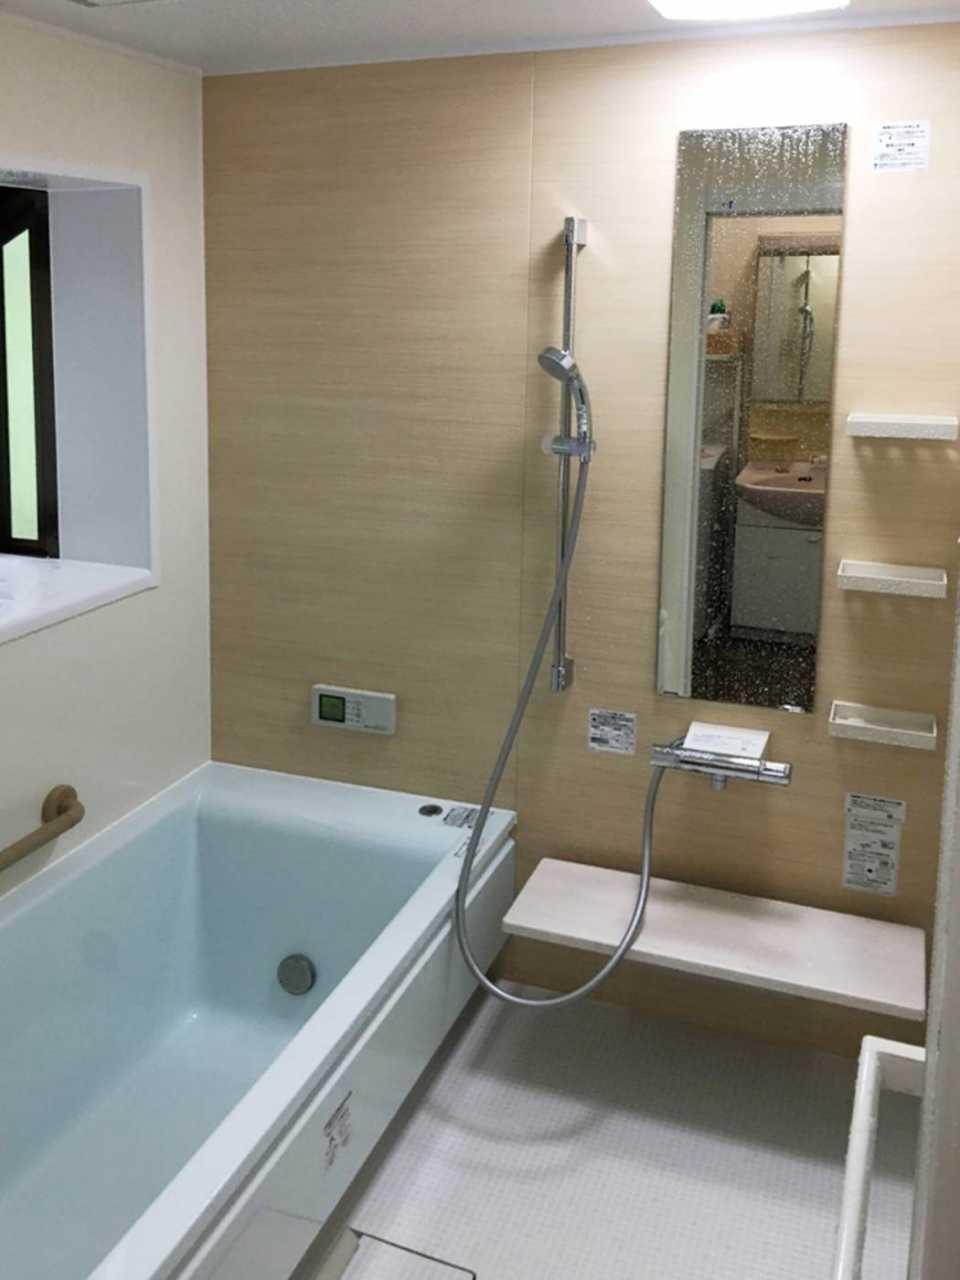 b026浴室 施工後